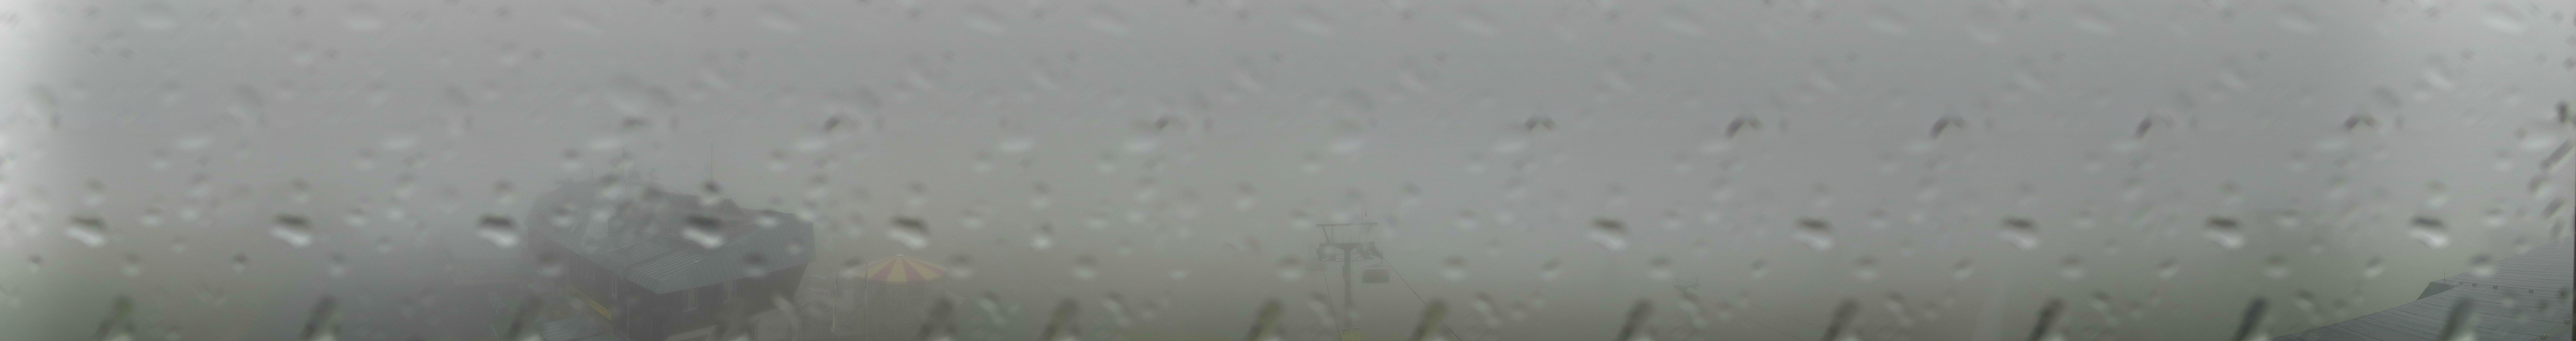 Gerlitzen Panorama webcam